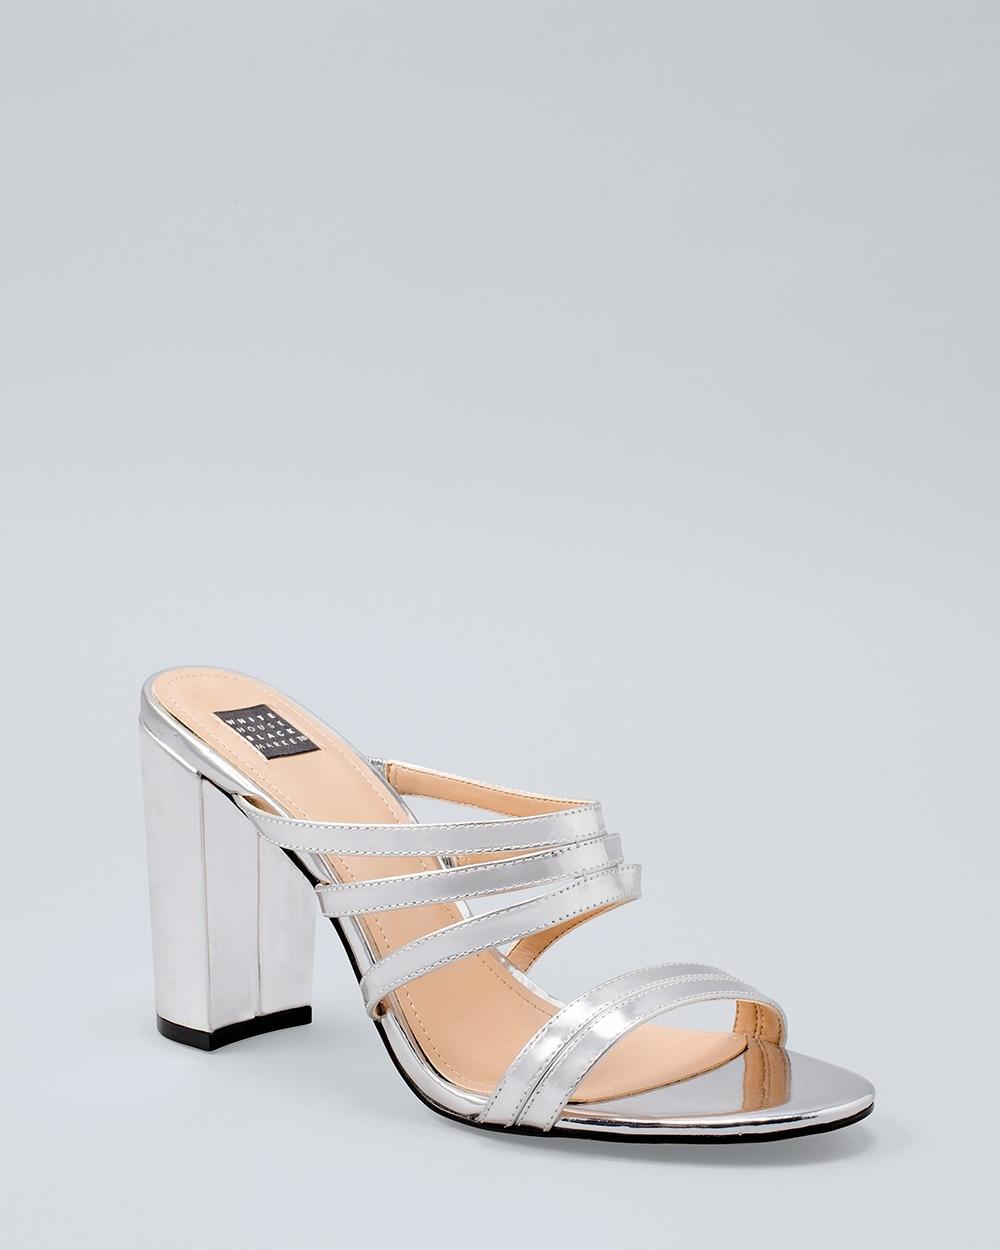 Specchio Leather Block-Heel Sandals